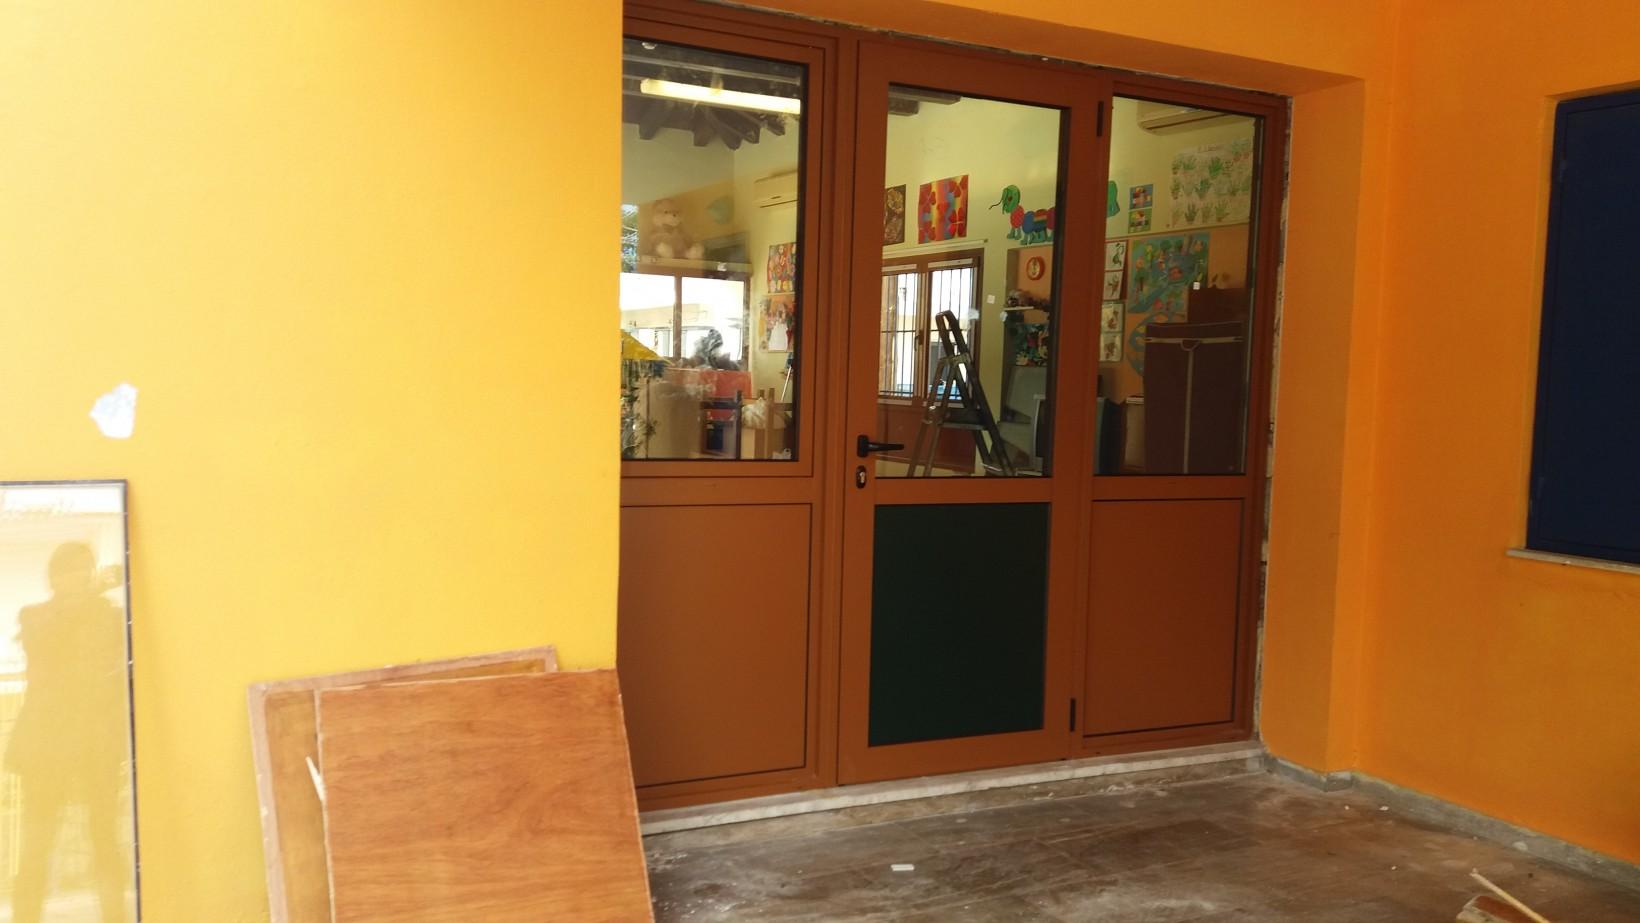 Πρωτοχρονιάτικο δώρο στο 6ο Νηπιαγωγείο Ναυπλίου η αλλαγή των ξύλινων κουφωμάτων με αλουμίνια